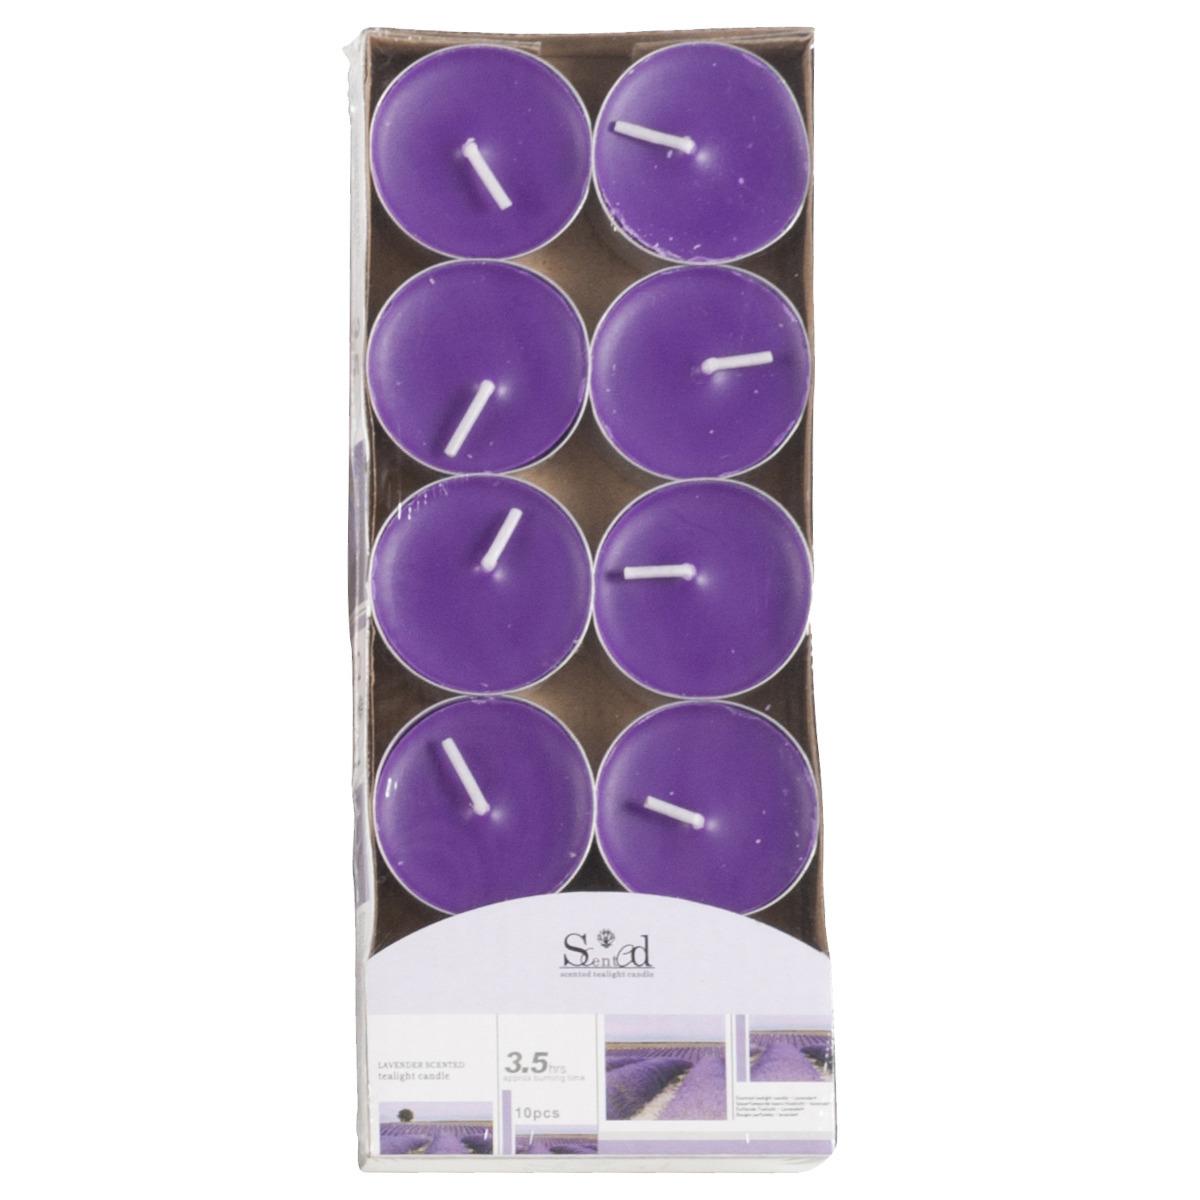 Geur theelichtjes lavendel paars 10 stuks Geen voordeligste prijs